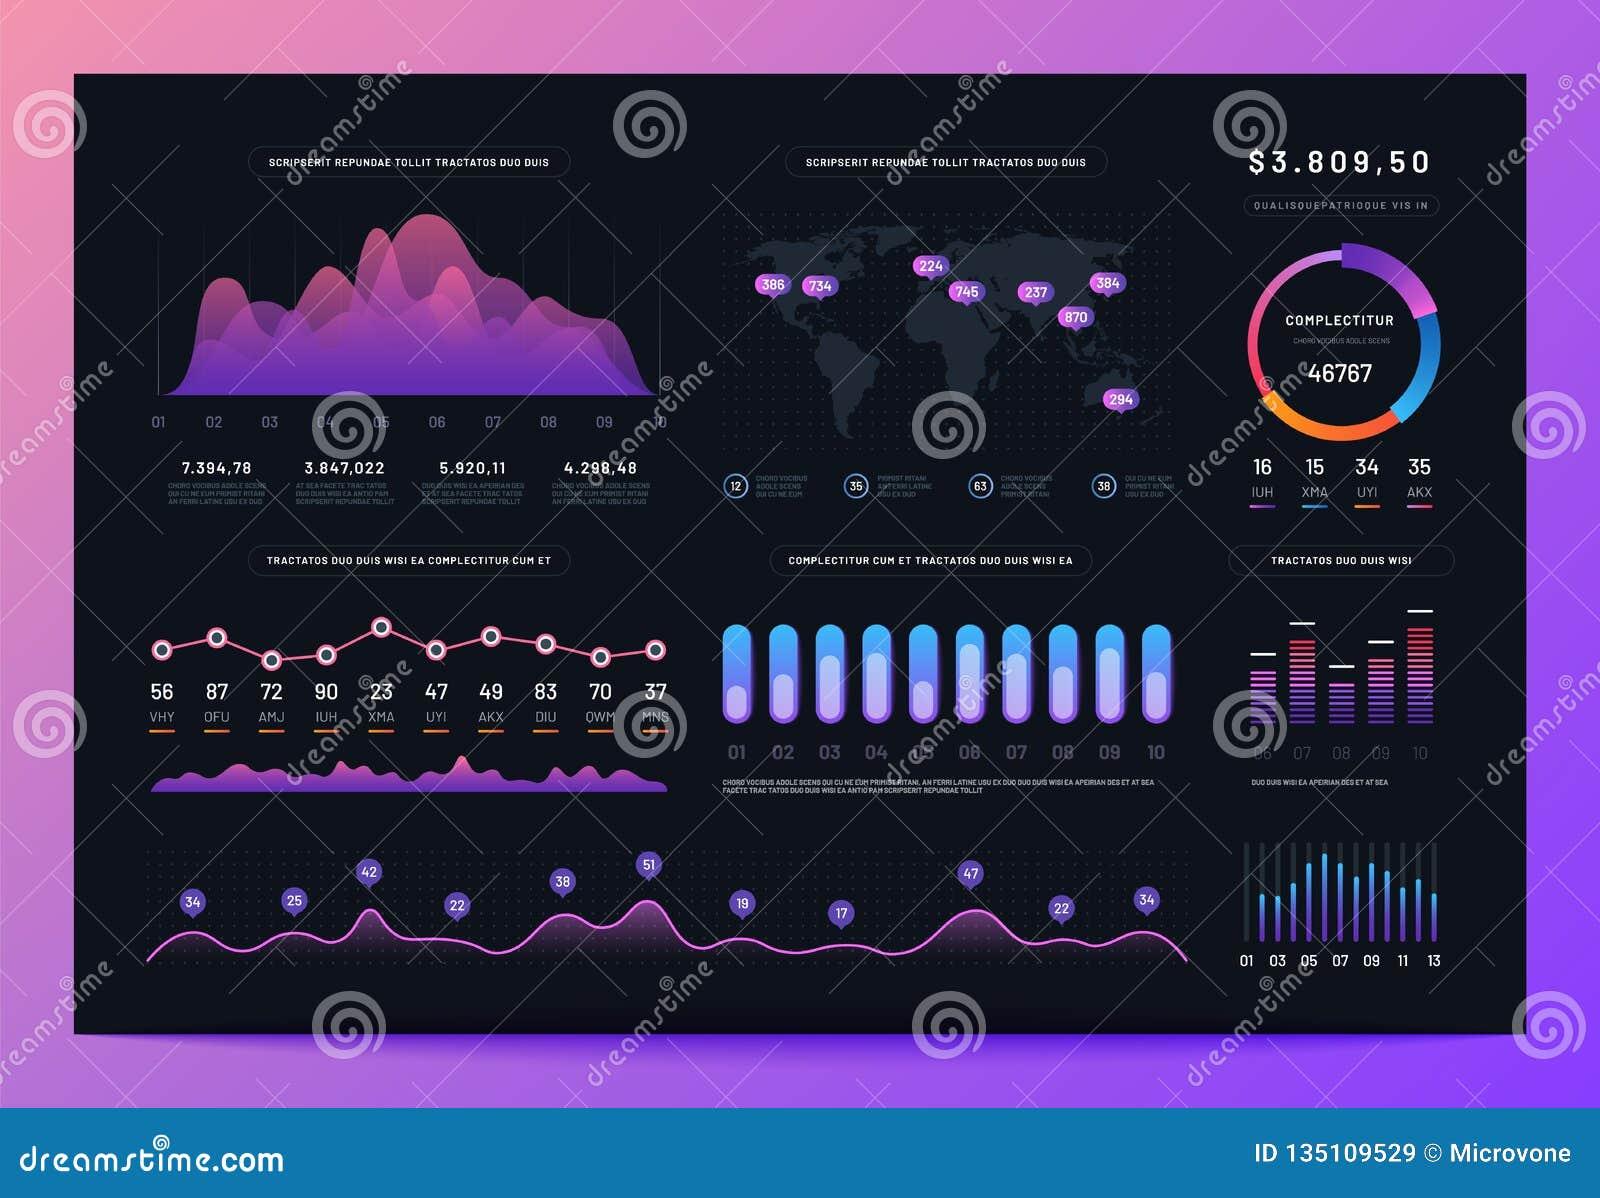 Ταμπλό διεπαφών Επιτροπή πληροφοριών analytics Ux ui με τις γραφικές παραστάσεις χρηματοδότησης, το διάγραμμα πιτών και τα διαγρά